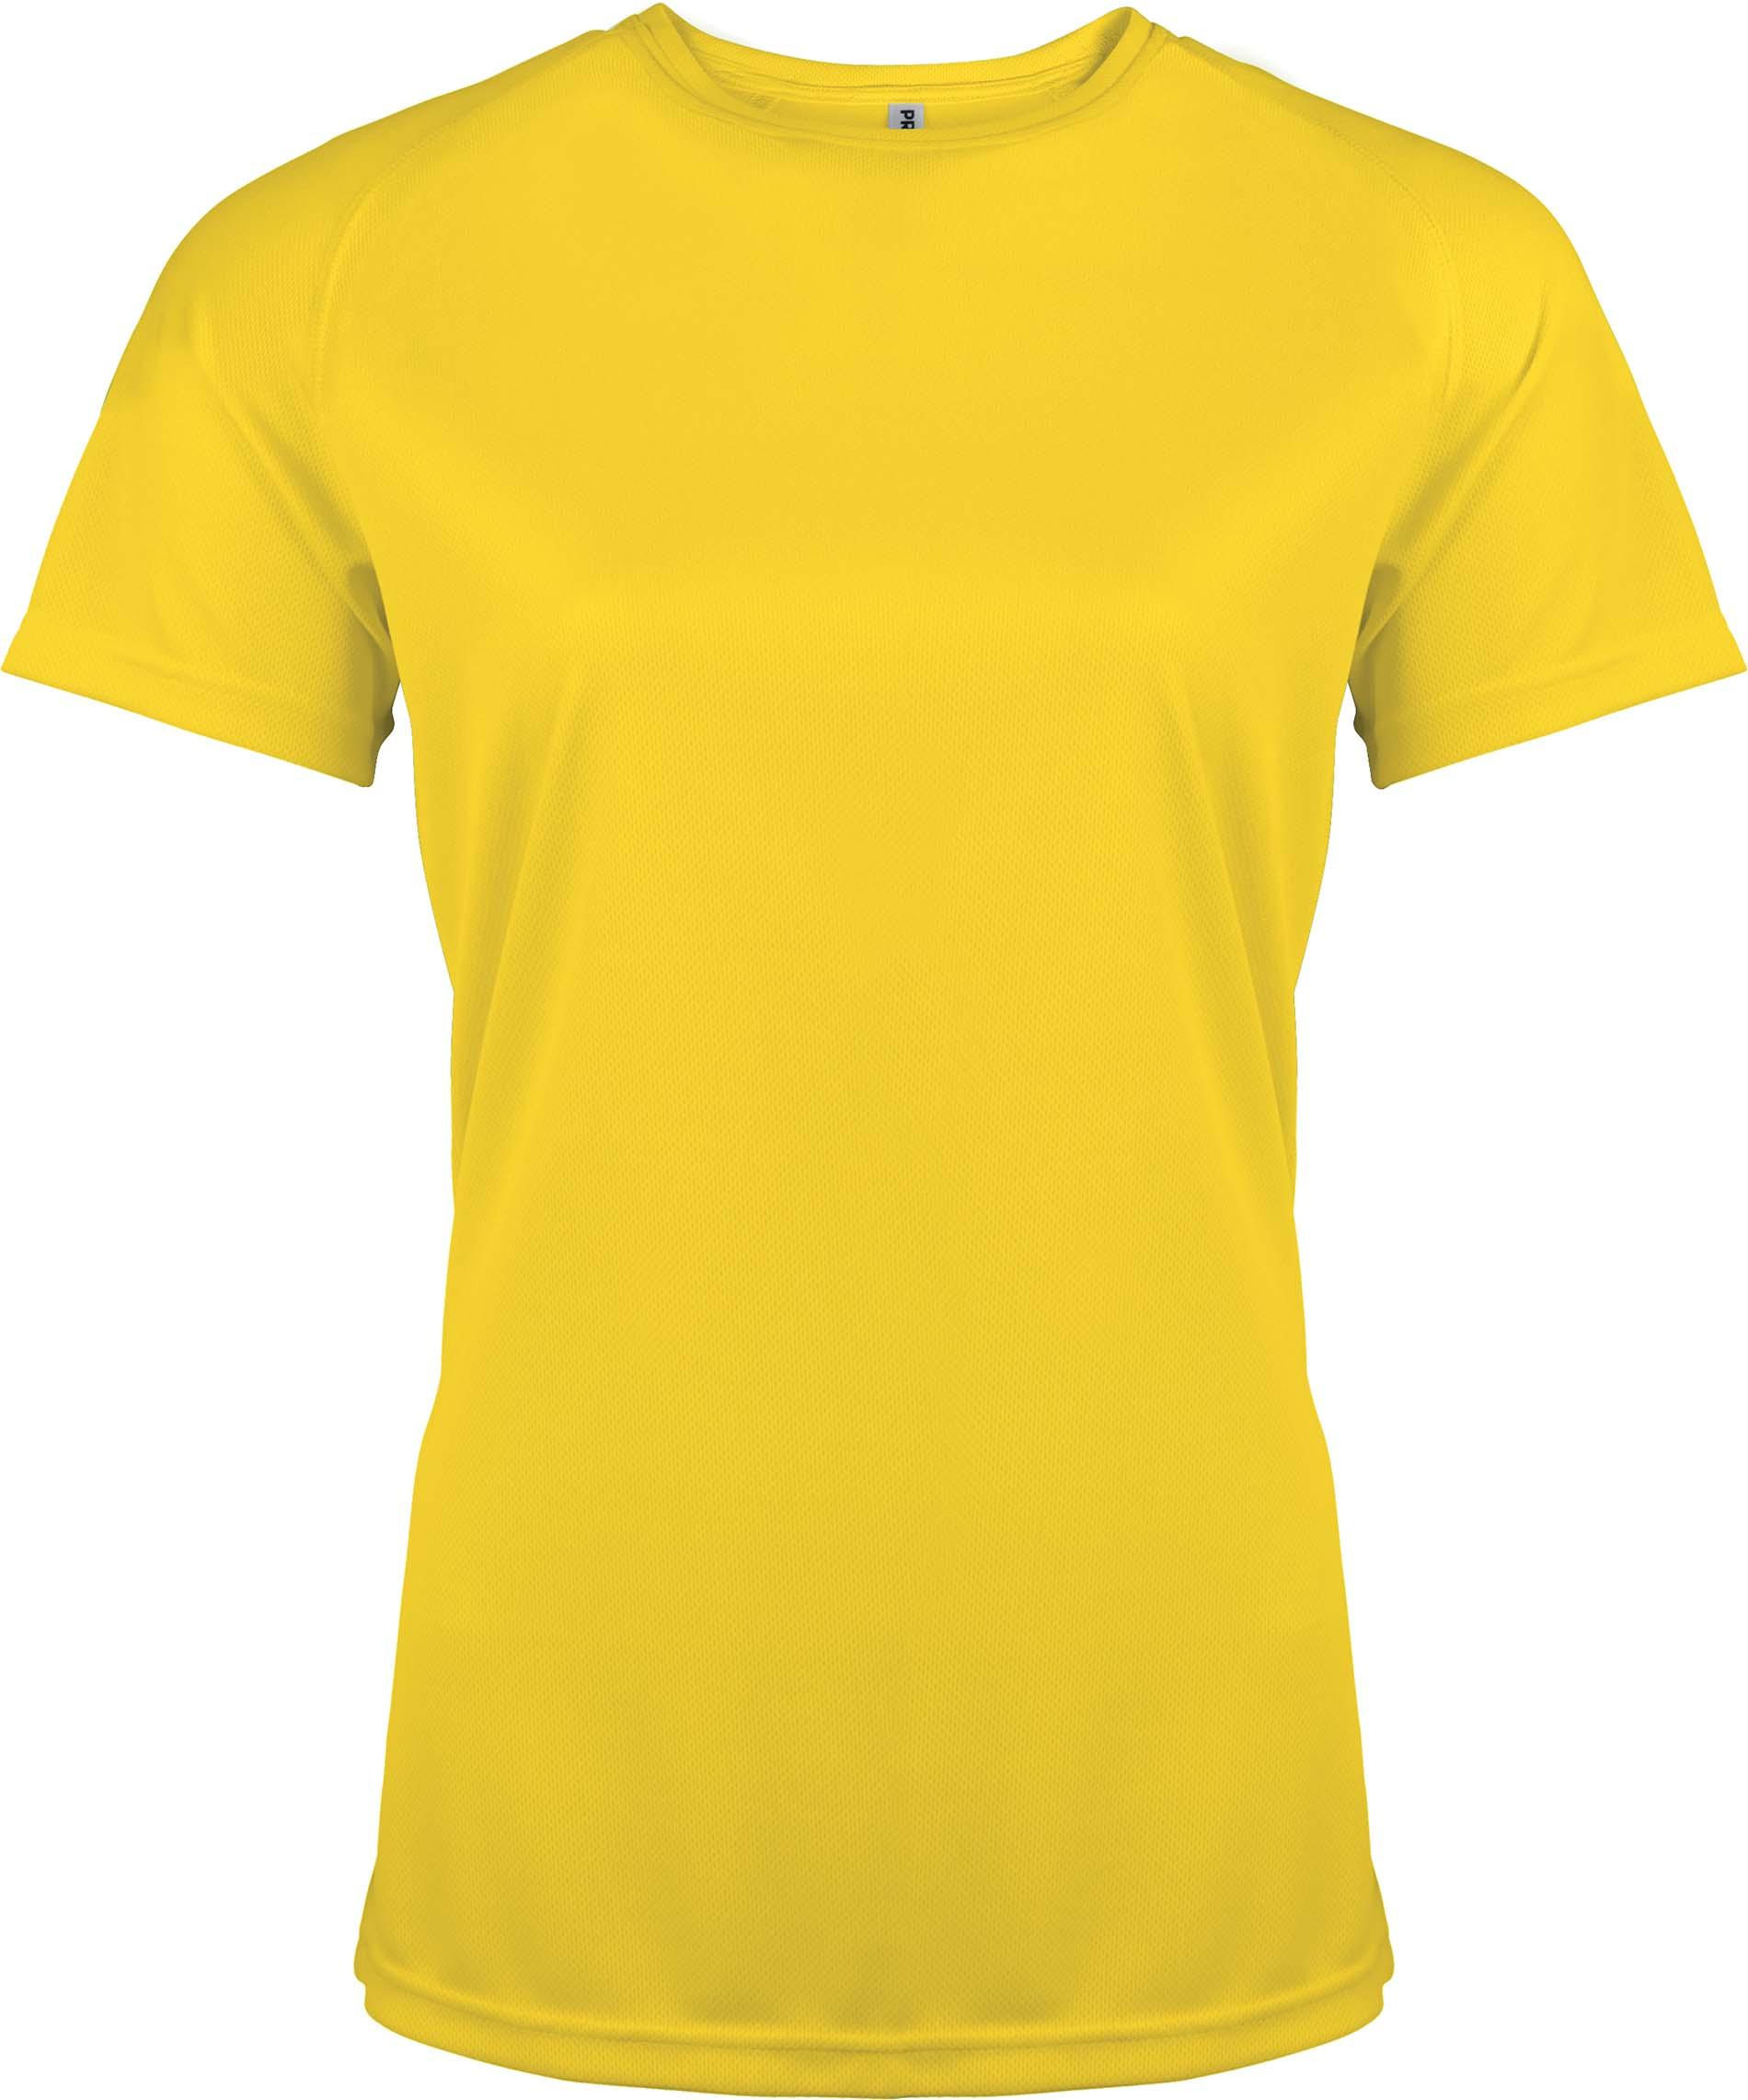 Naisten tekninen T-paita PA439 Keltainen